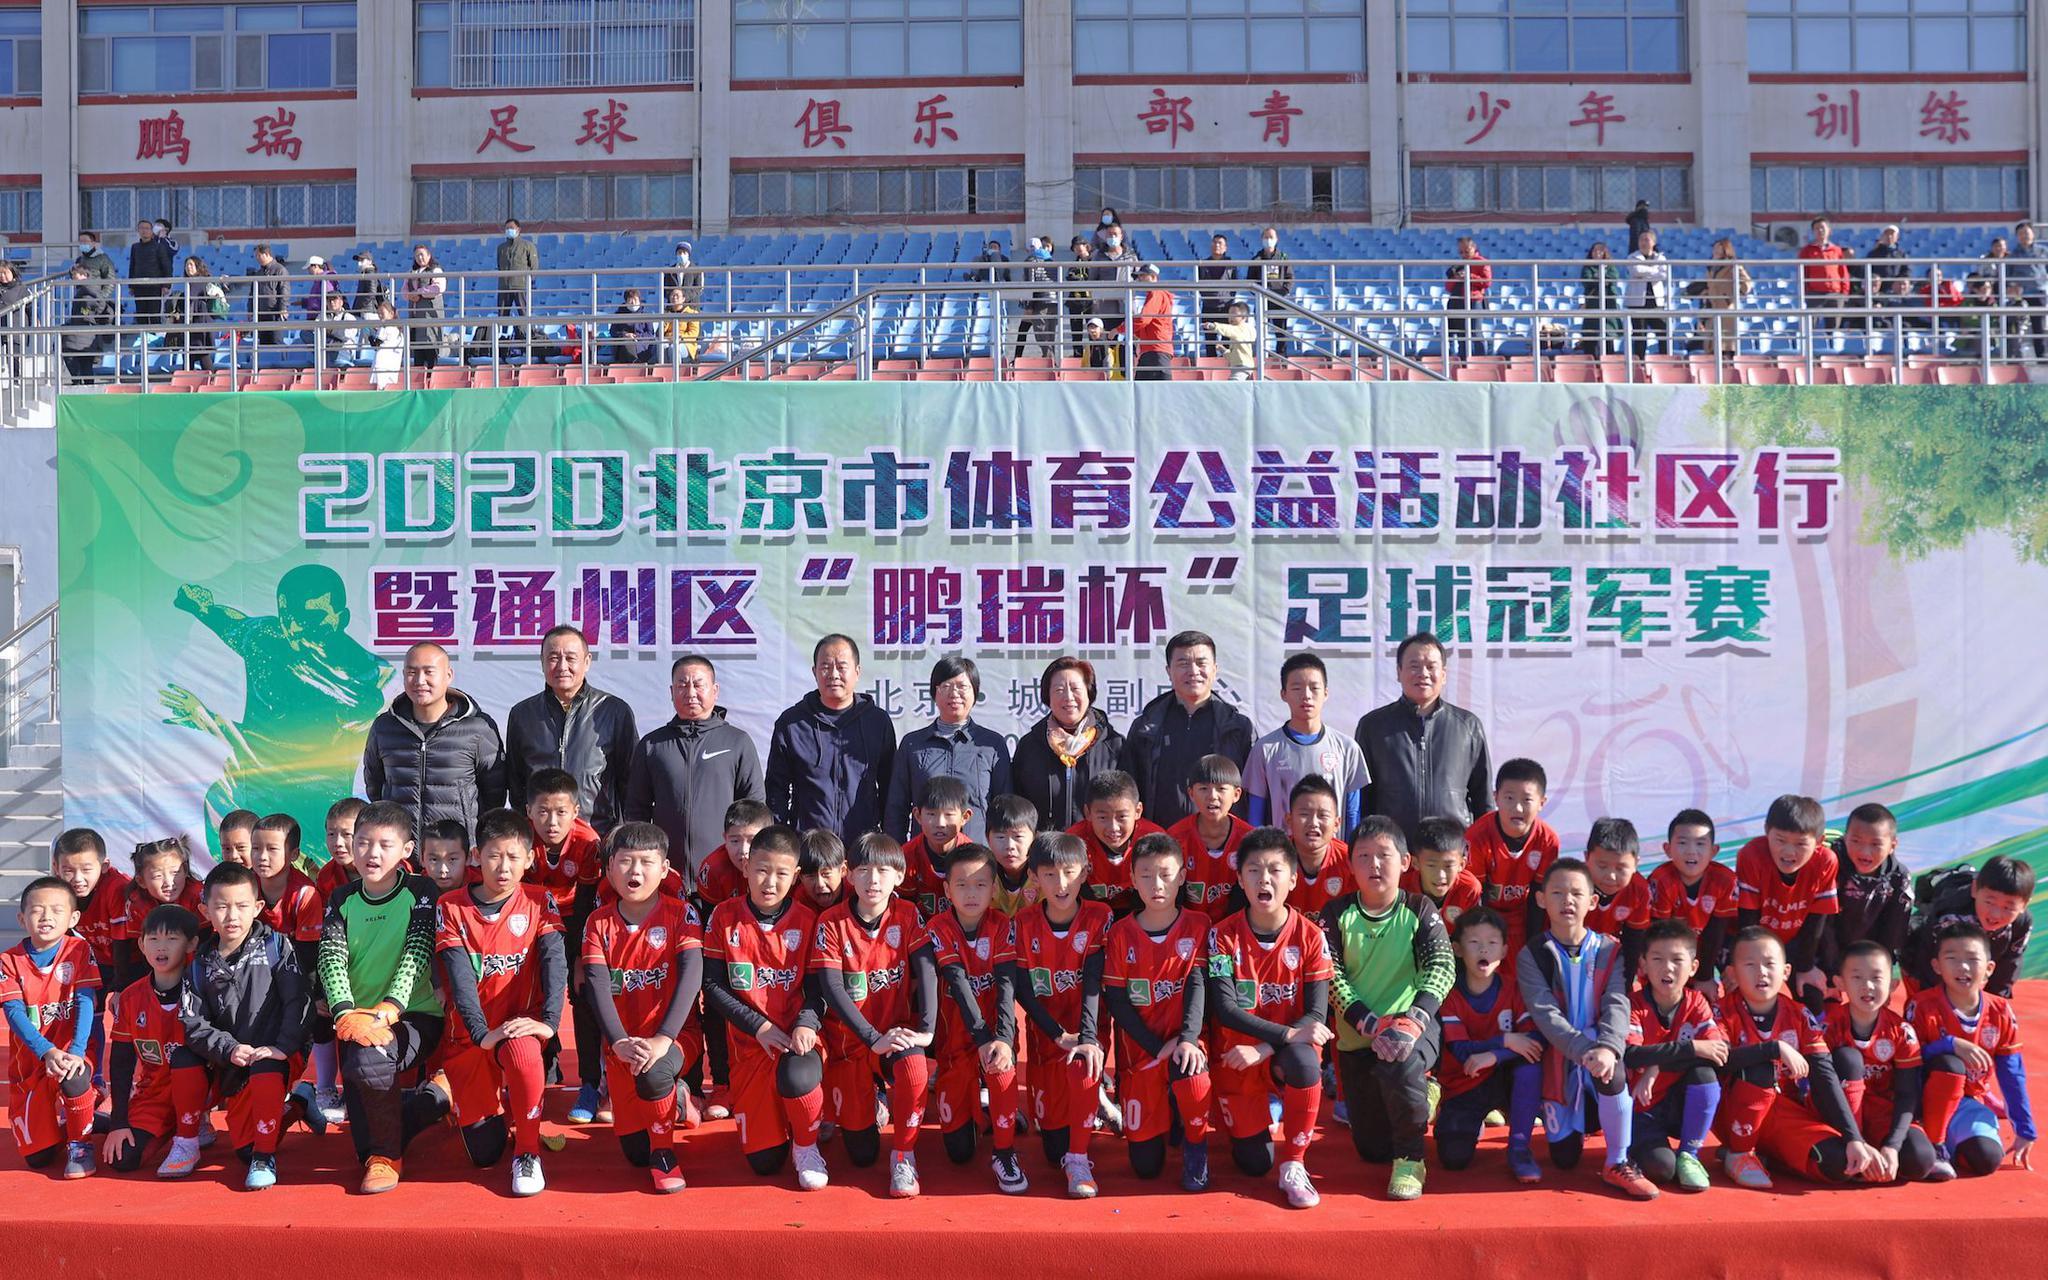 部门参赛球员在开幕式上合影。图/北京市体育局